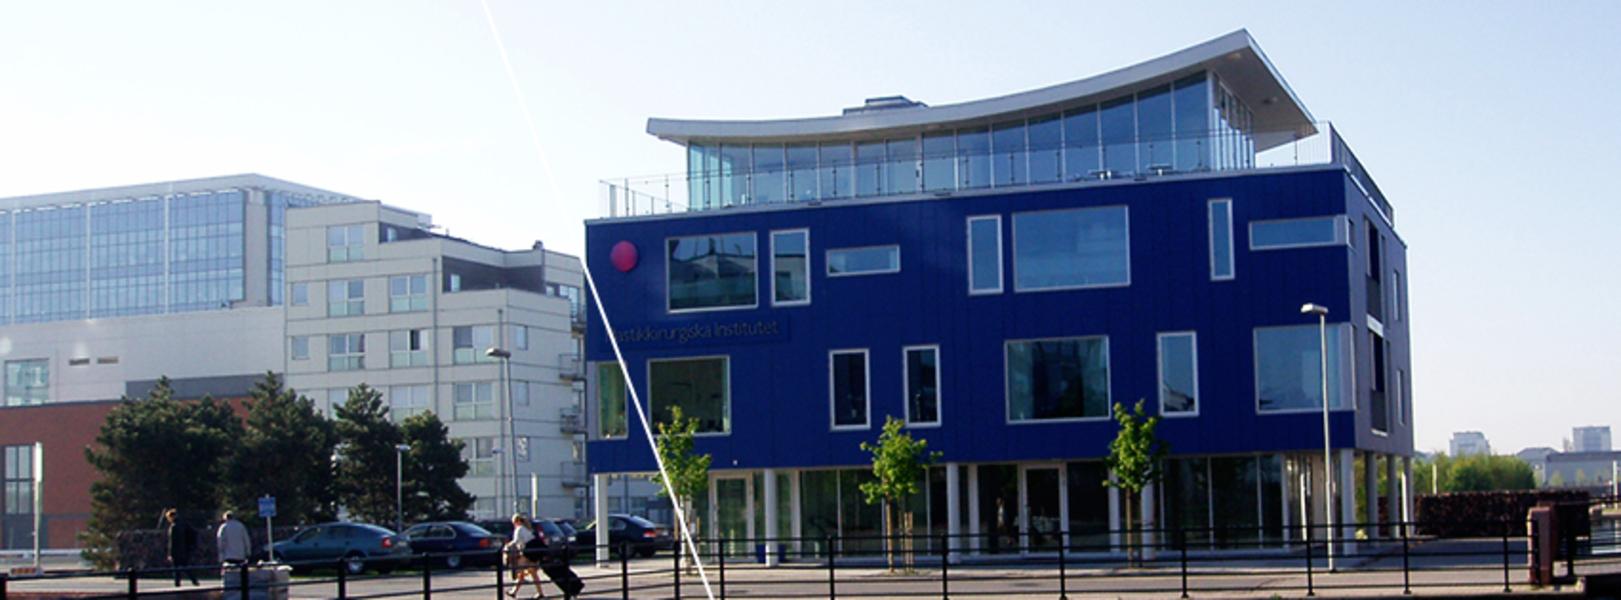 Plastikkirurgiska Institutet